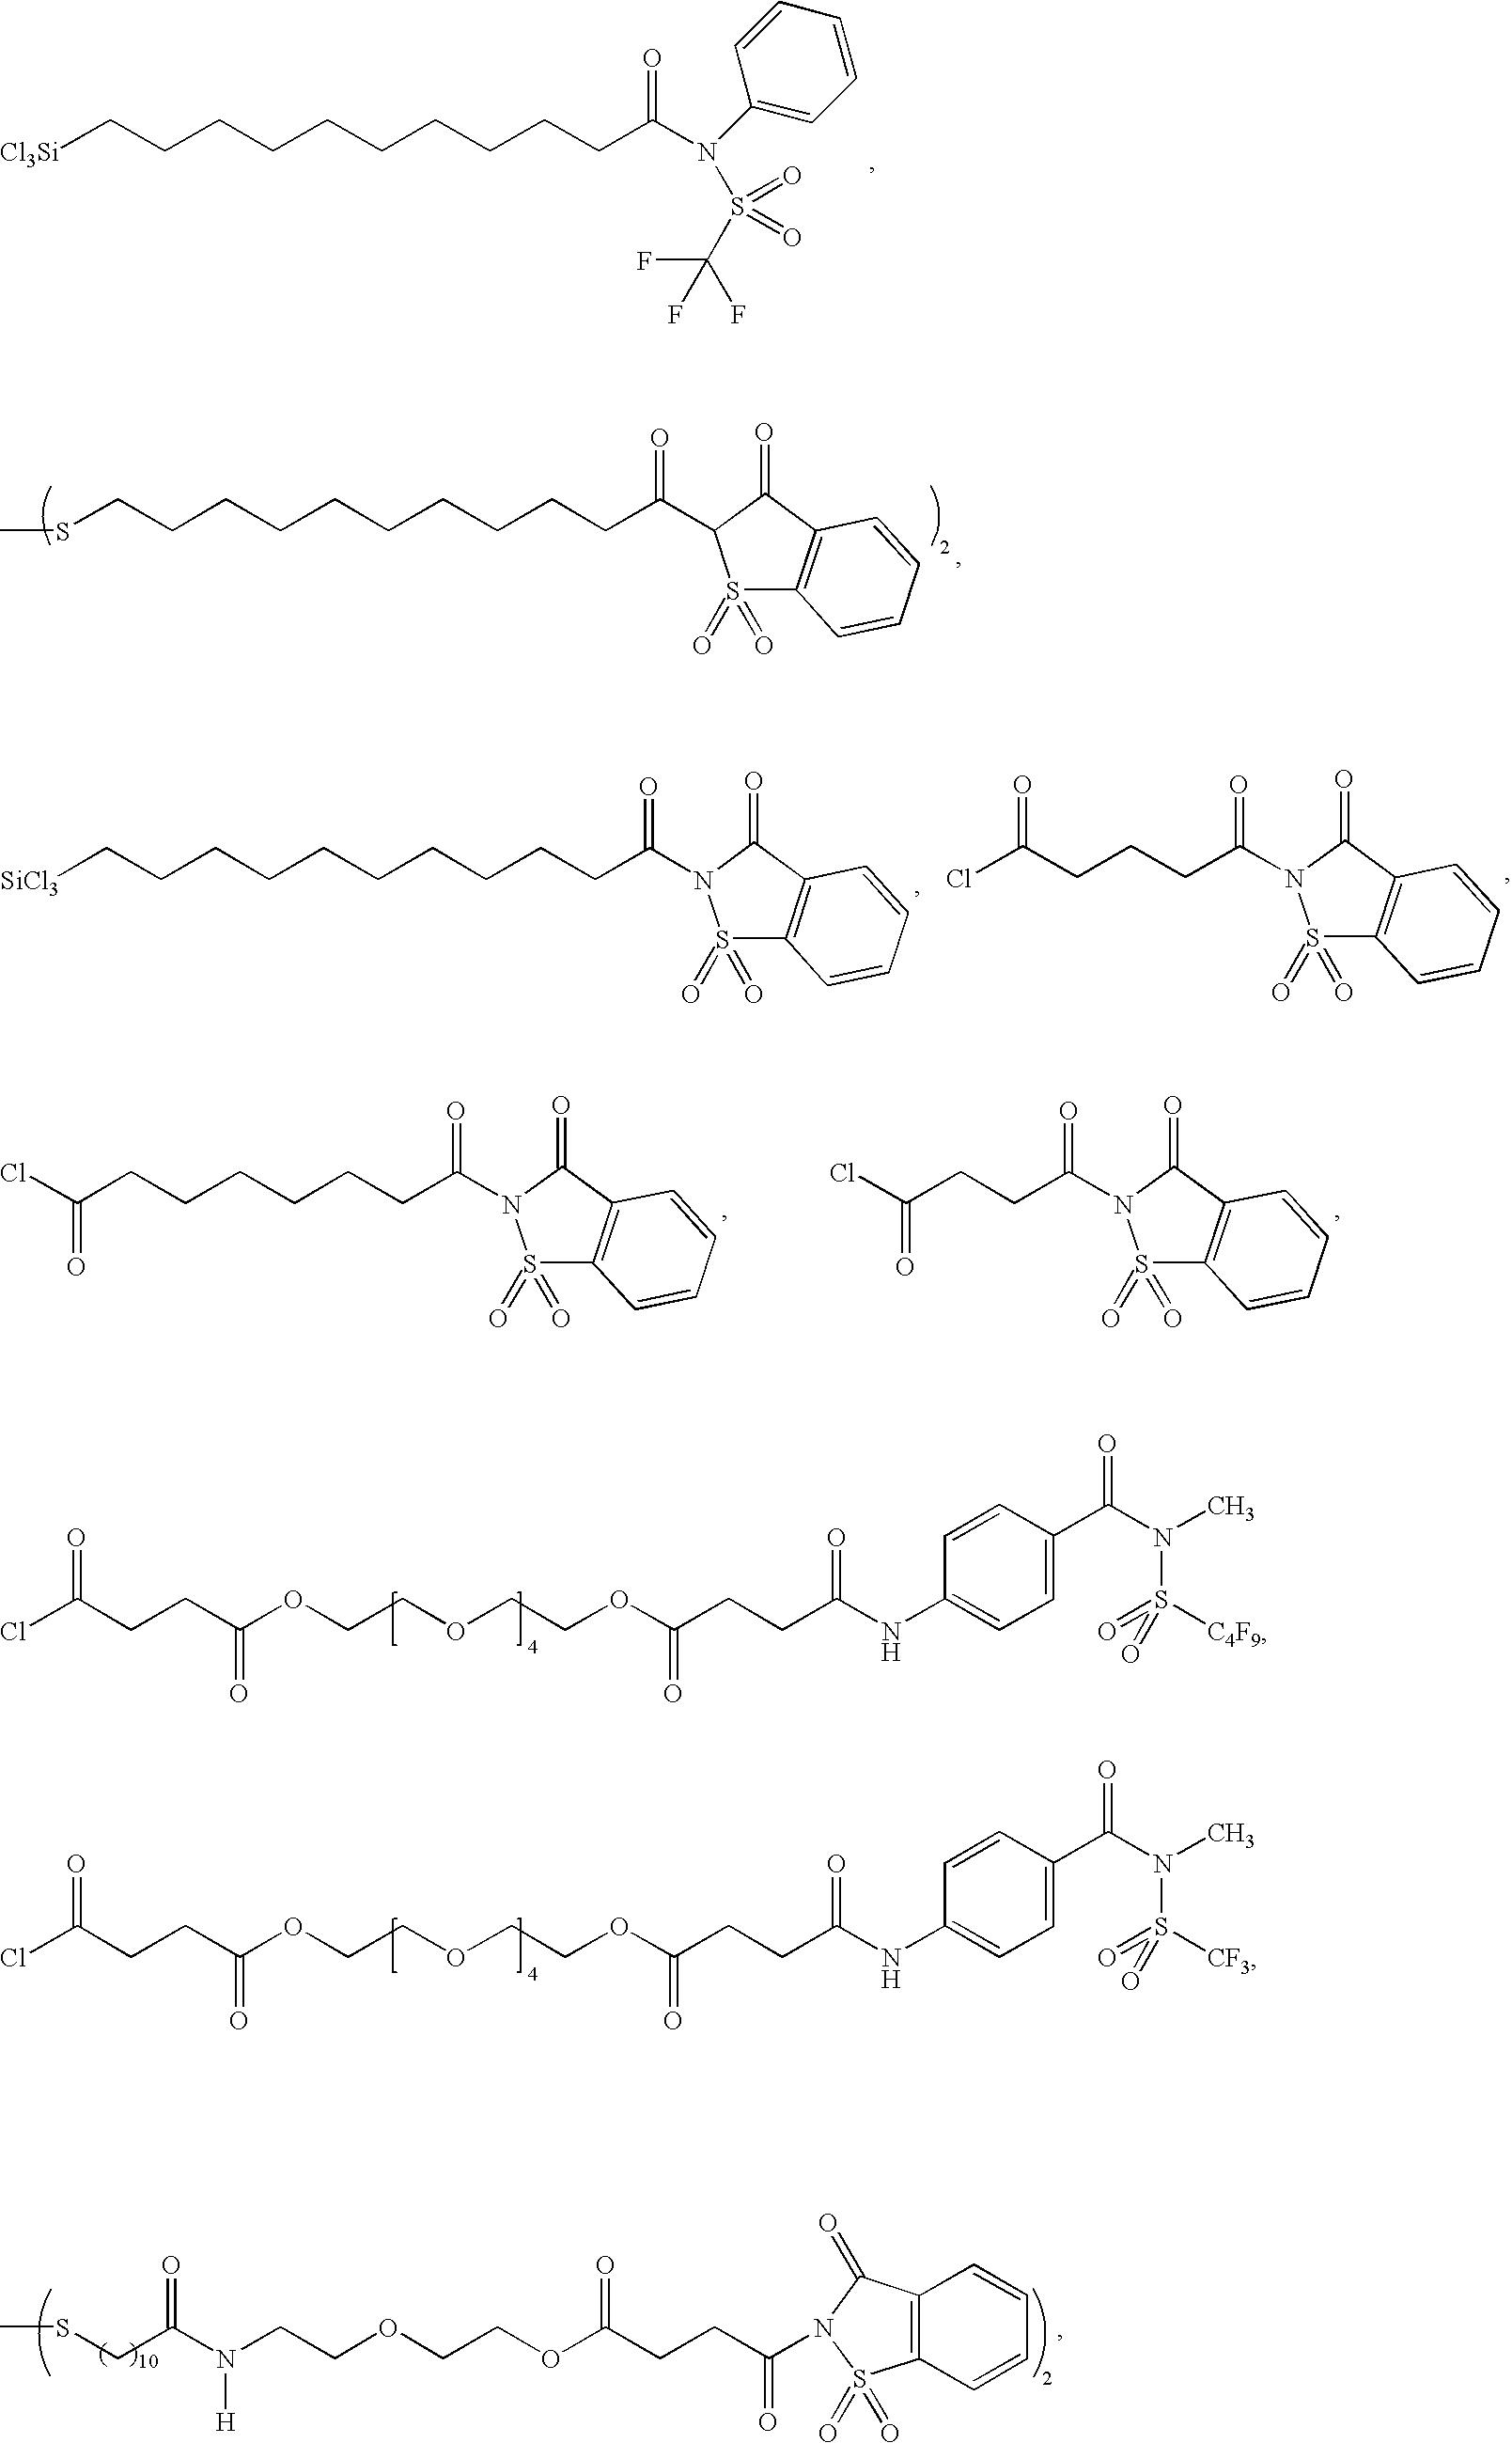 Figure US07169933-20070130-C00050